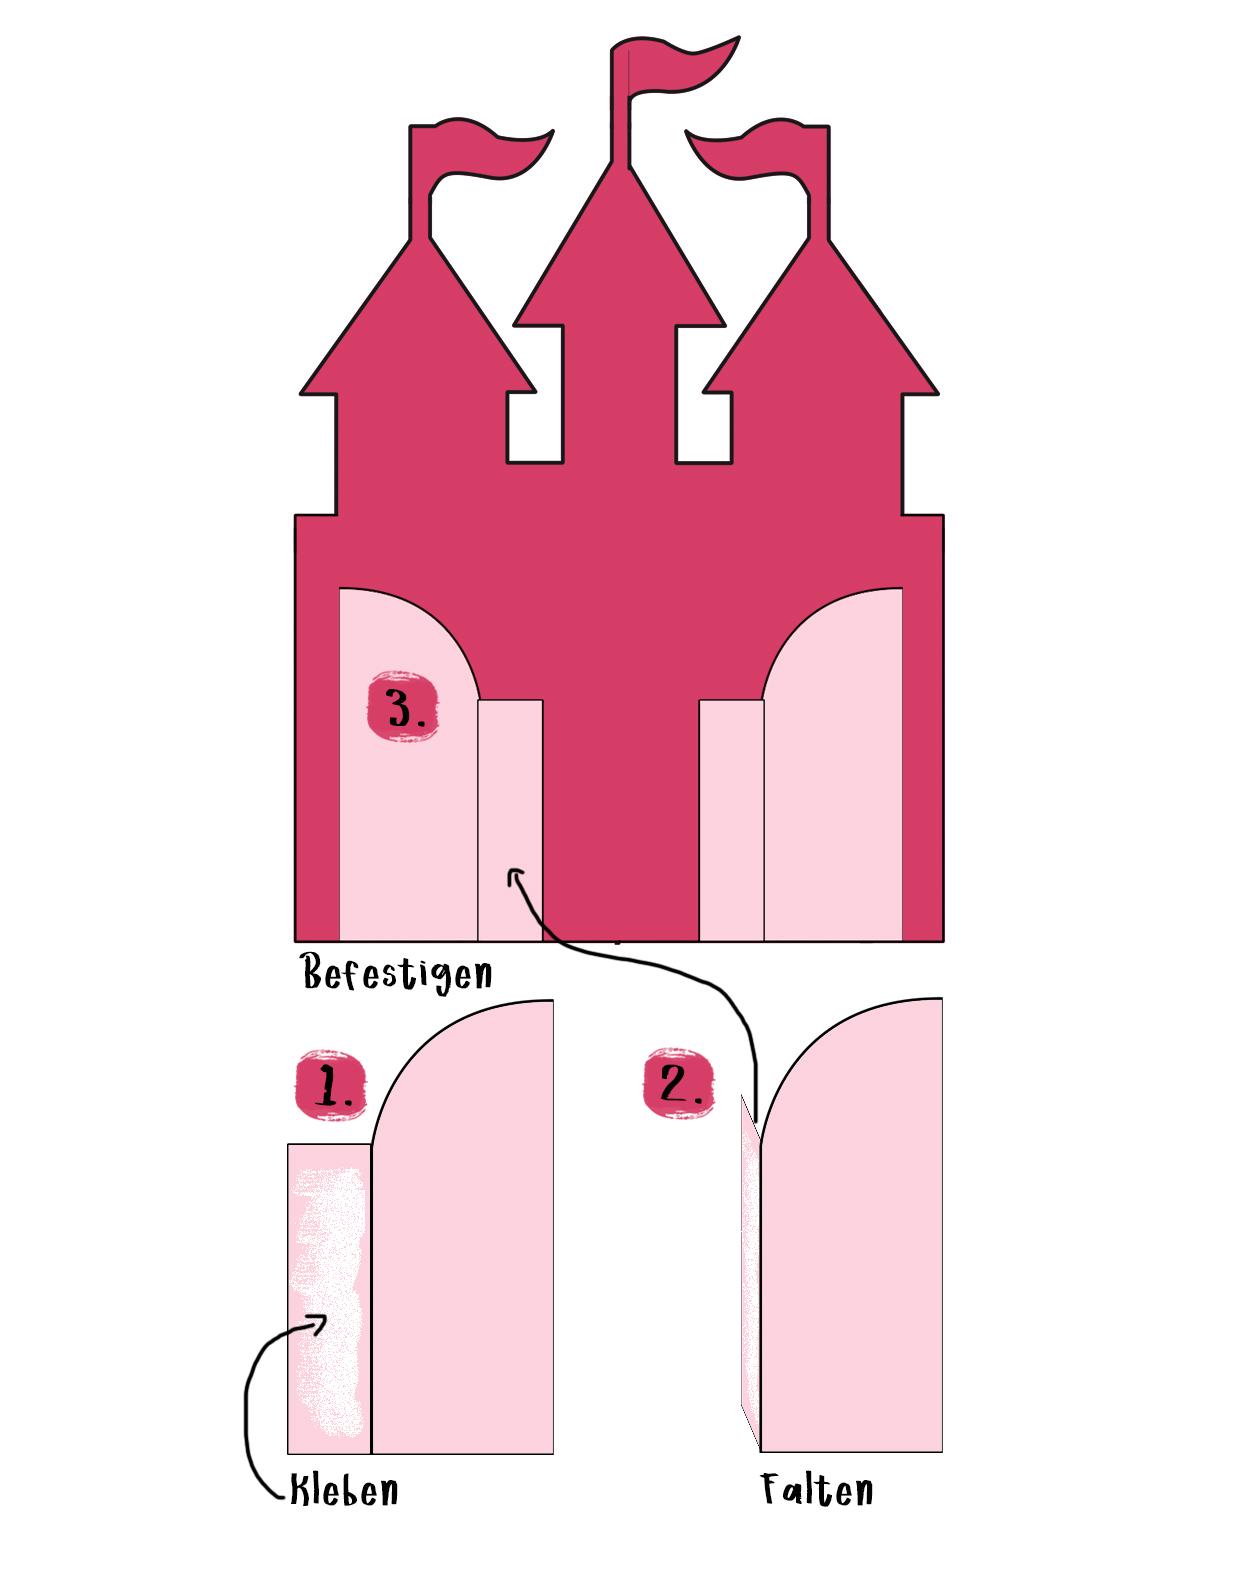 KleineGeschichten-Prinzessinnen-Party-Bastelideen-Spieleideen-Krone-selber-basteln-kostenlose-Vorlage-Kindergeburstag-Mottoparty-Printessinnen-Geburstag-Bastelanleitung-Krone-Prinzessin05